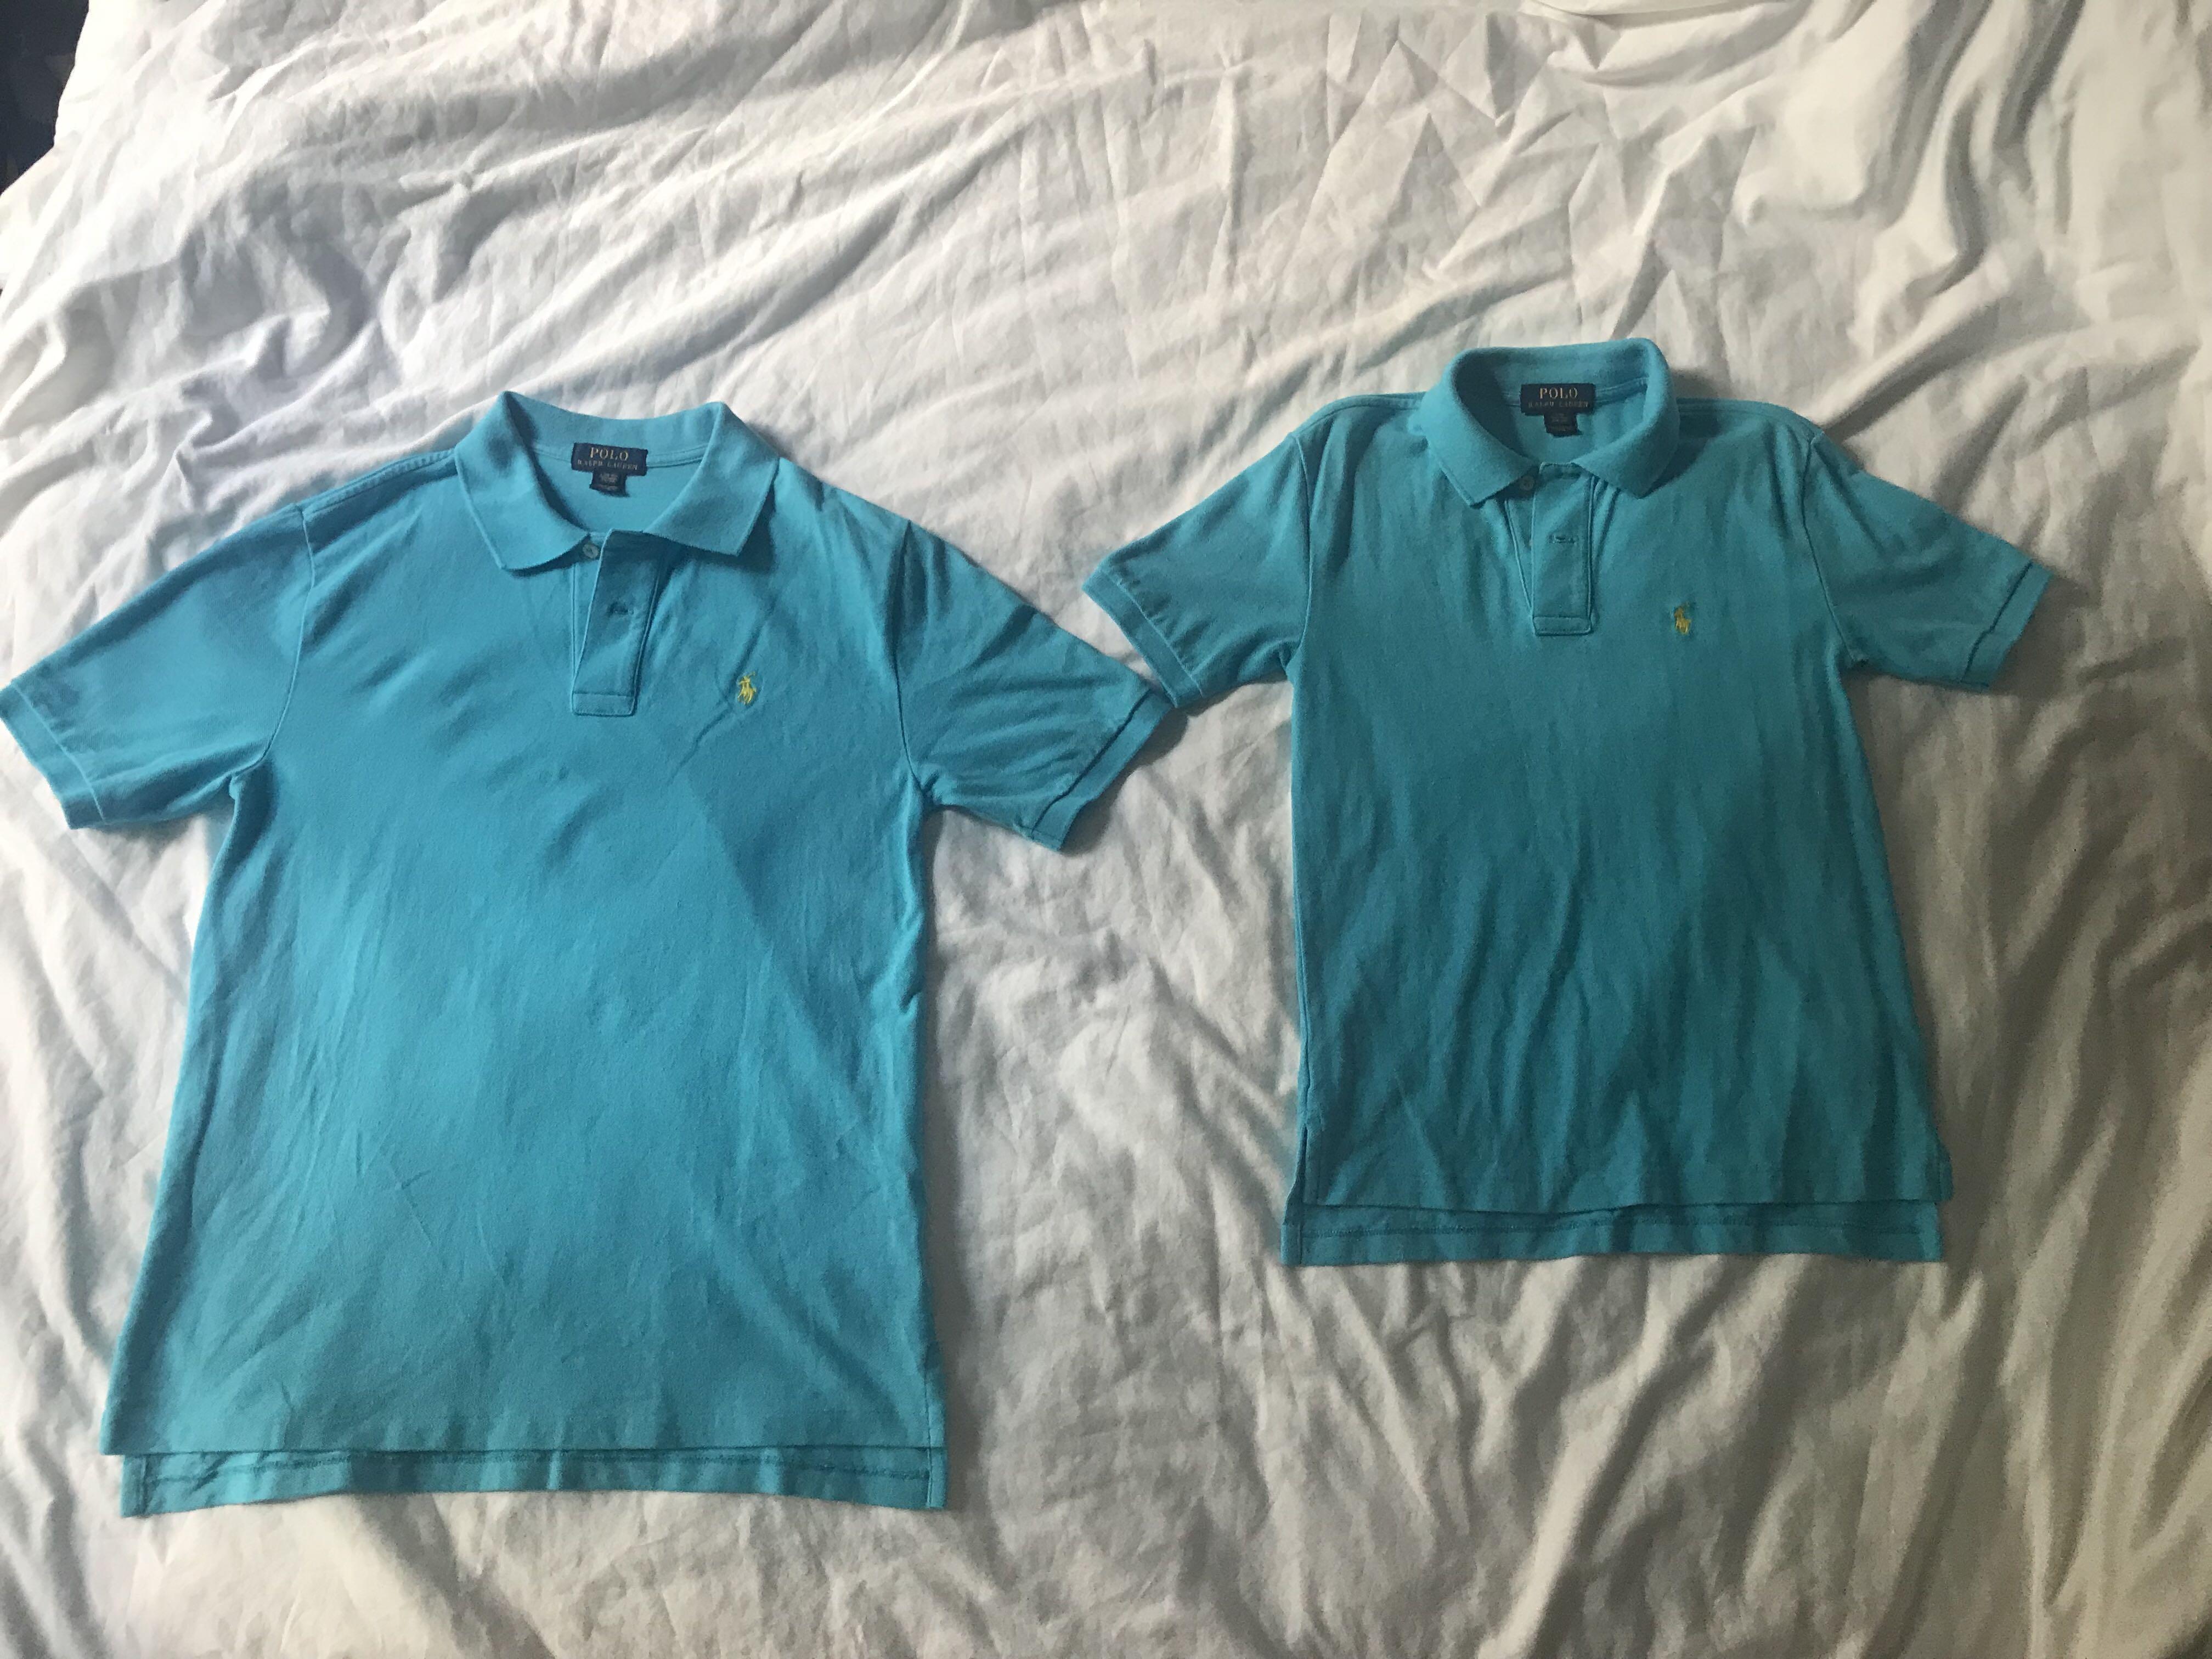 20 Polo Shirt Cotton Mesh Lauren Boys 8 Ralph wOv8nm0N